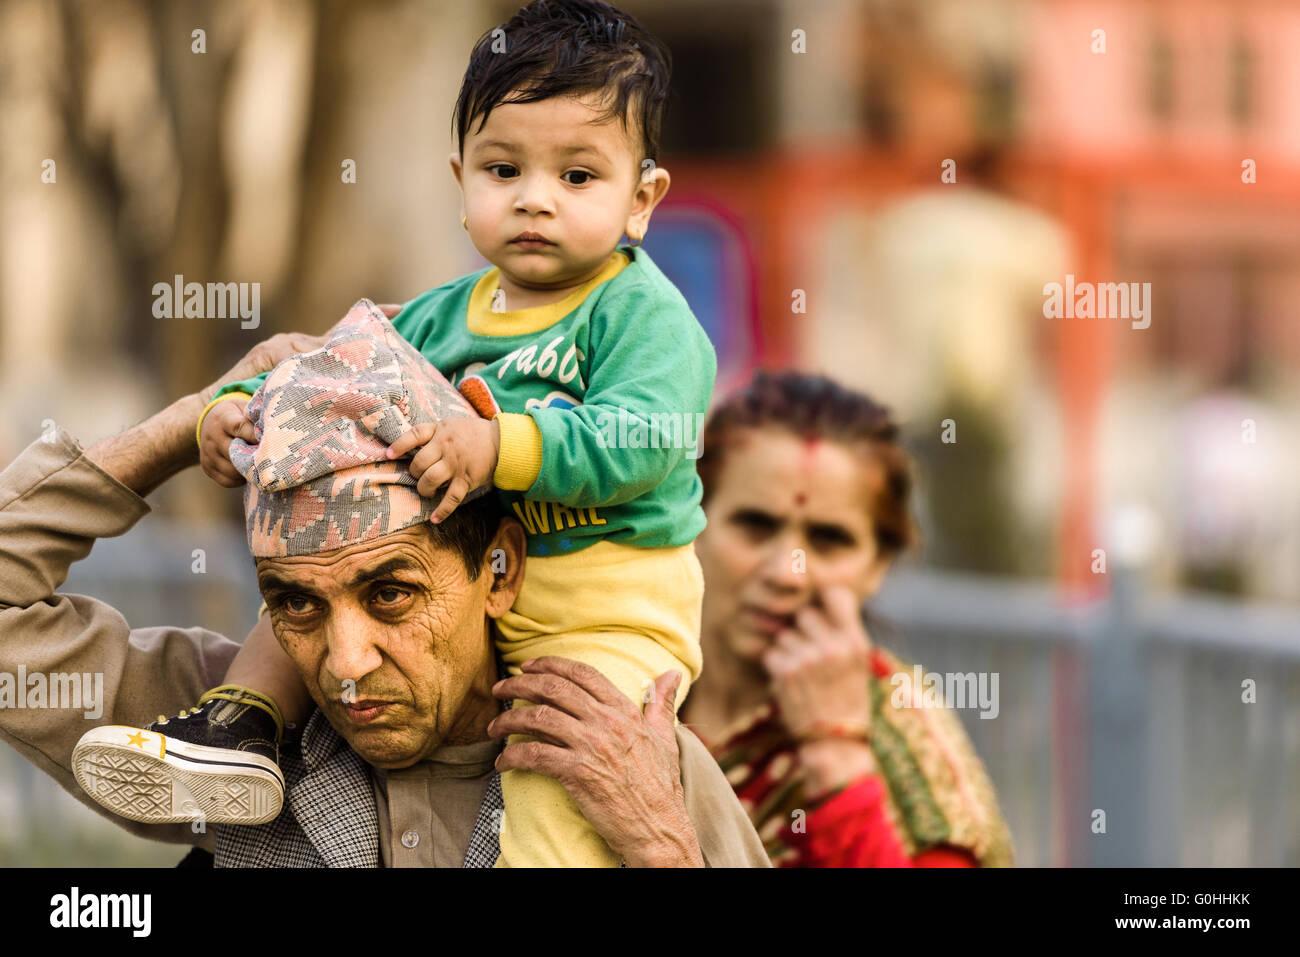 L'homme asiatique portant un enfant sur son épaule Photo Stock